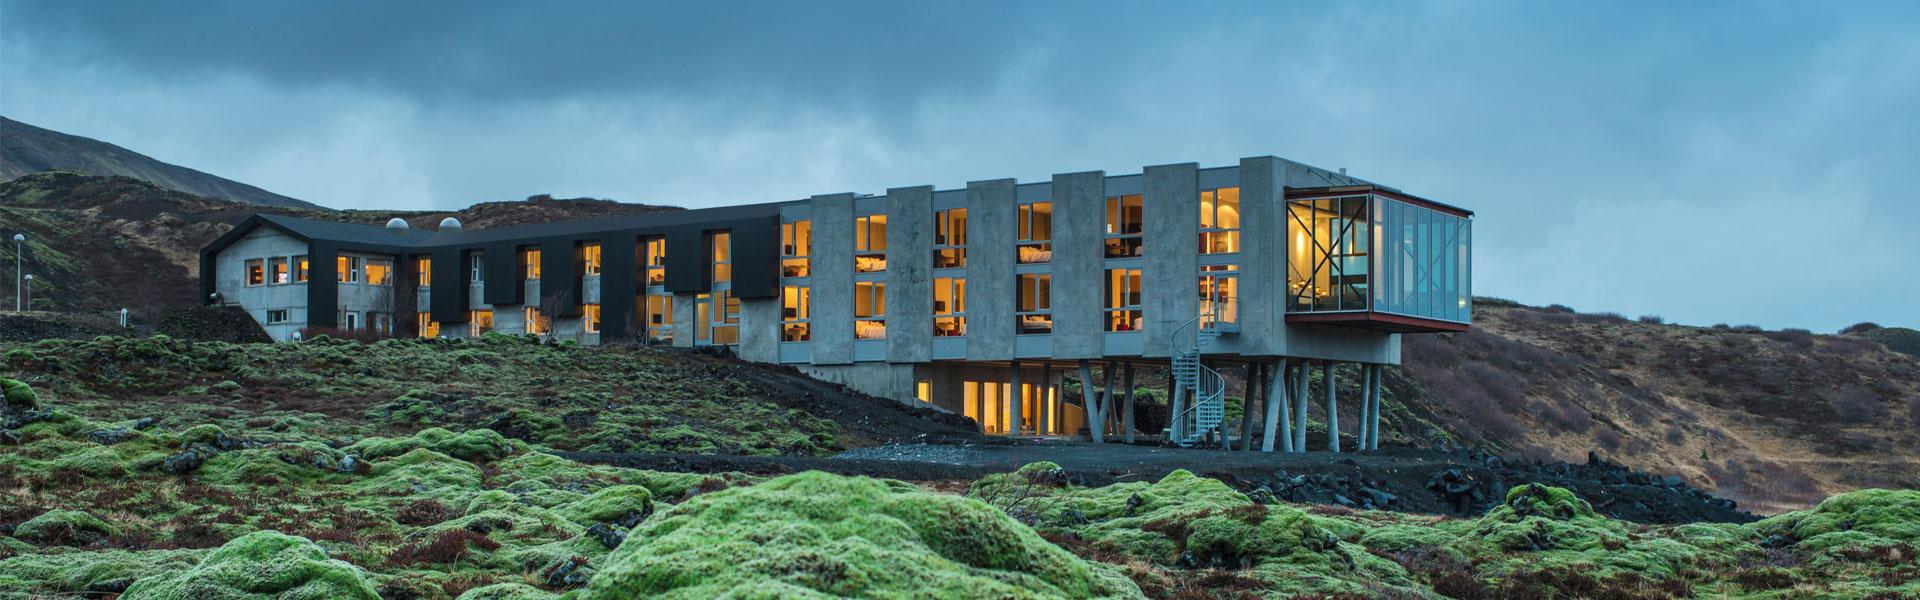 Designhotelli iON sijaitsee kätevästi keskellä islantilaista laavapeltoa (pihaan menee kunnon tie). Kuva: IOn